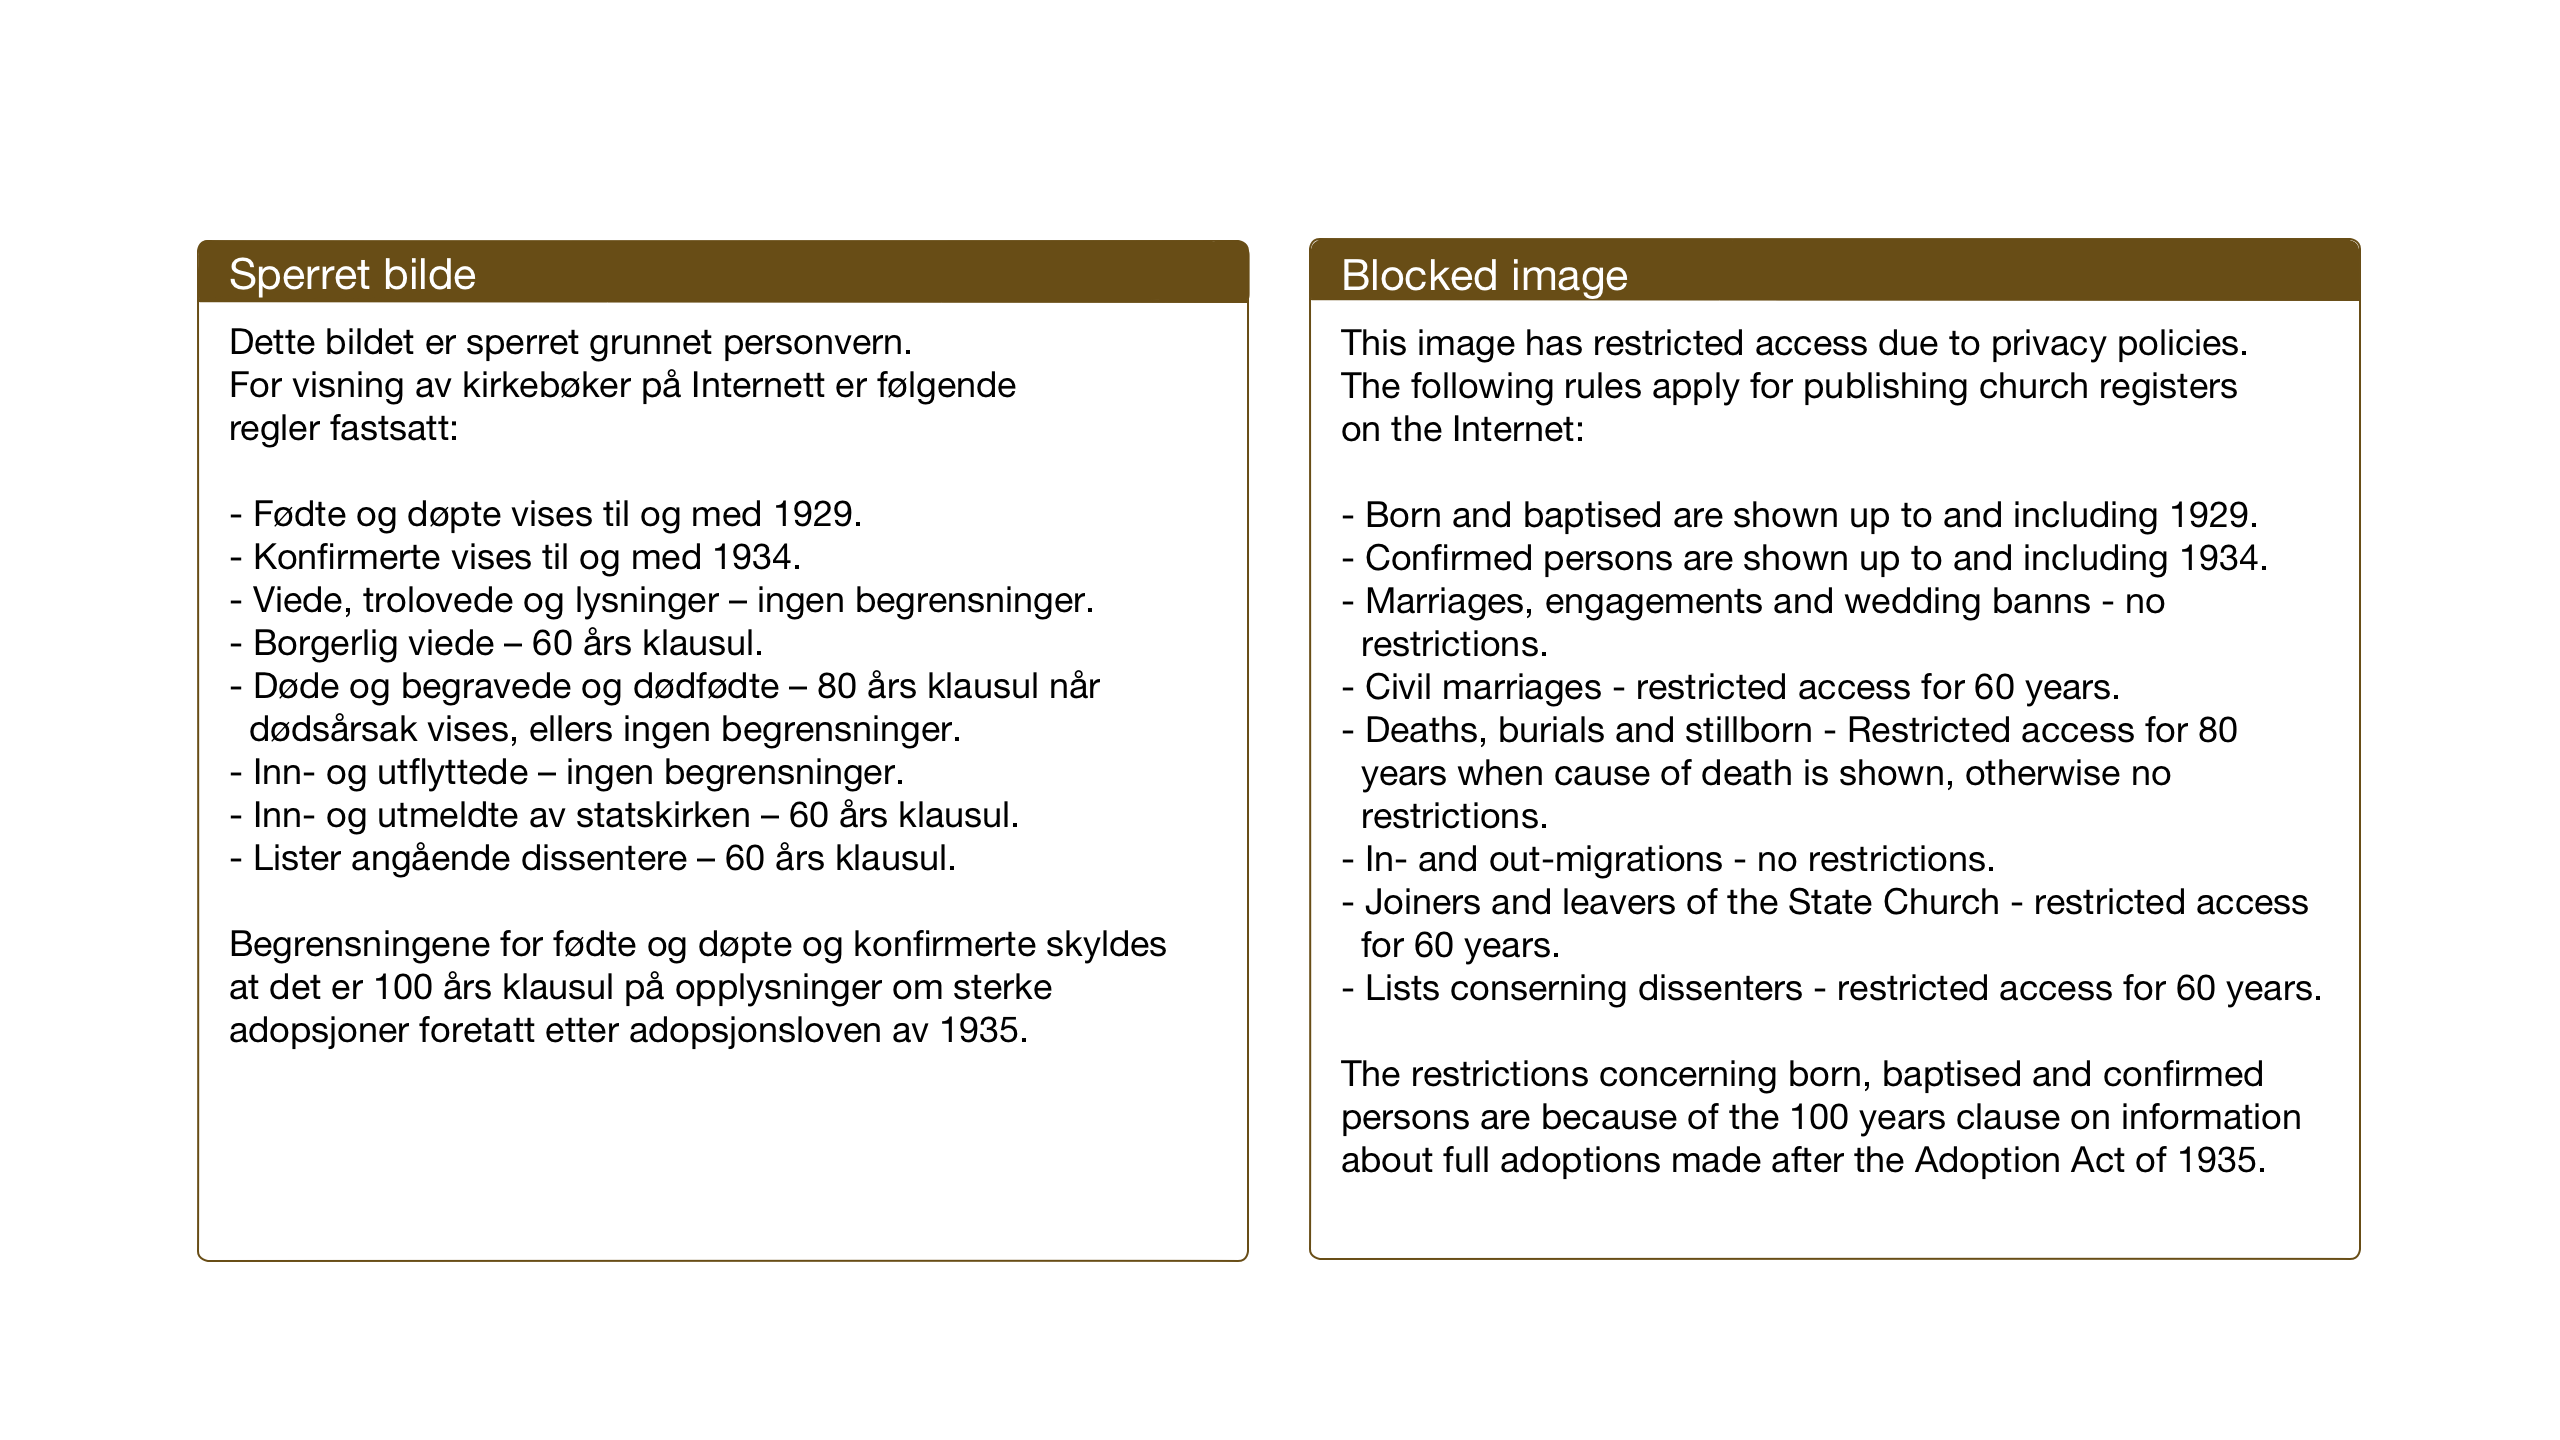 SAT, Ministerialprotokoller, klokkerbøker og fødselsregistre - Nord-Trøndelag, 755/L0500: Klokkerbok nr. 755C01, 1920-1962, s. 57